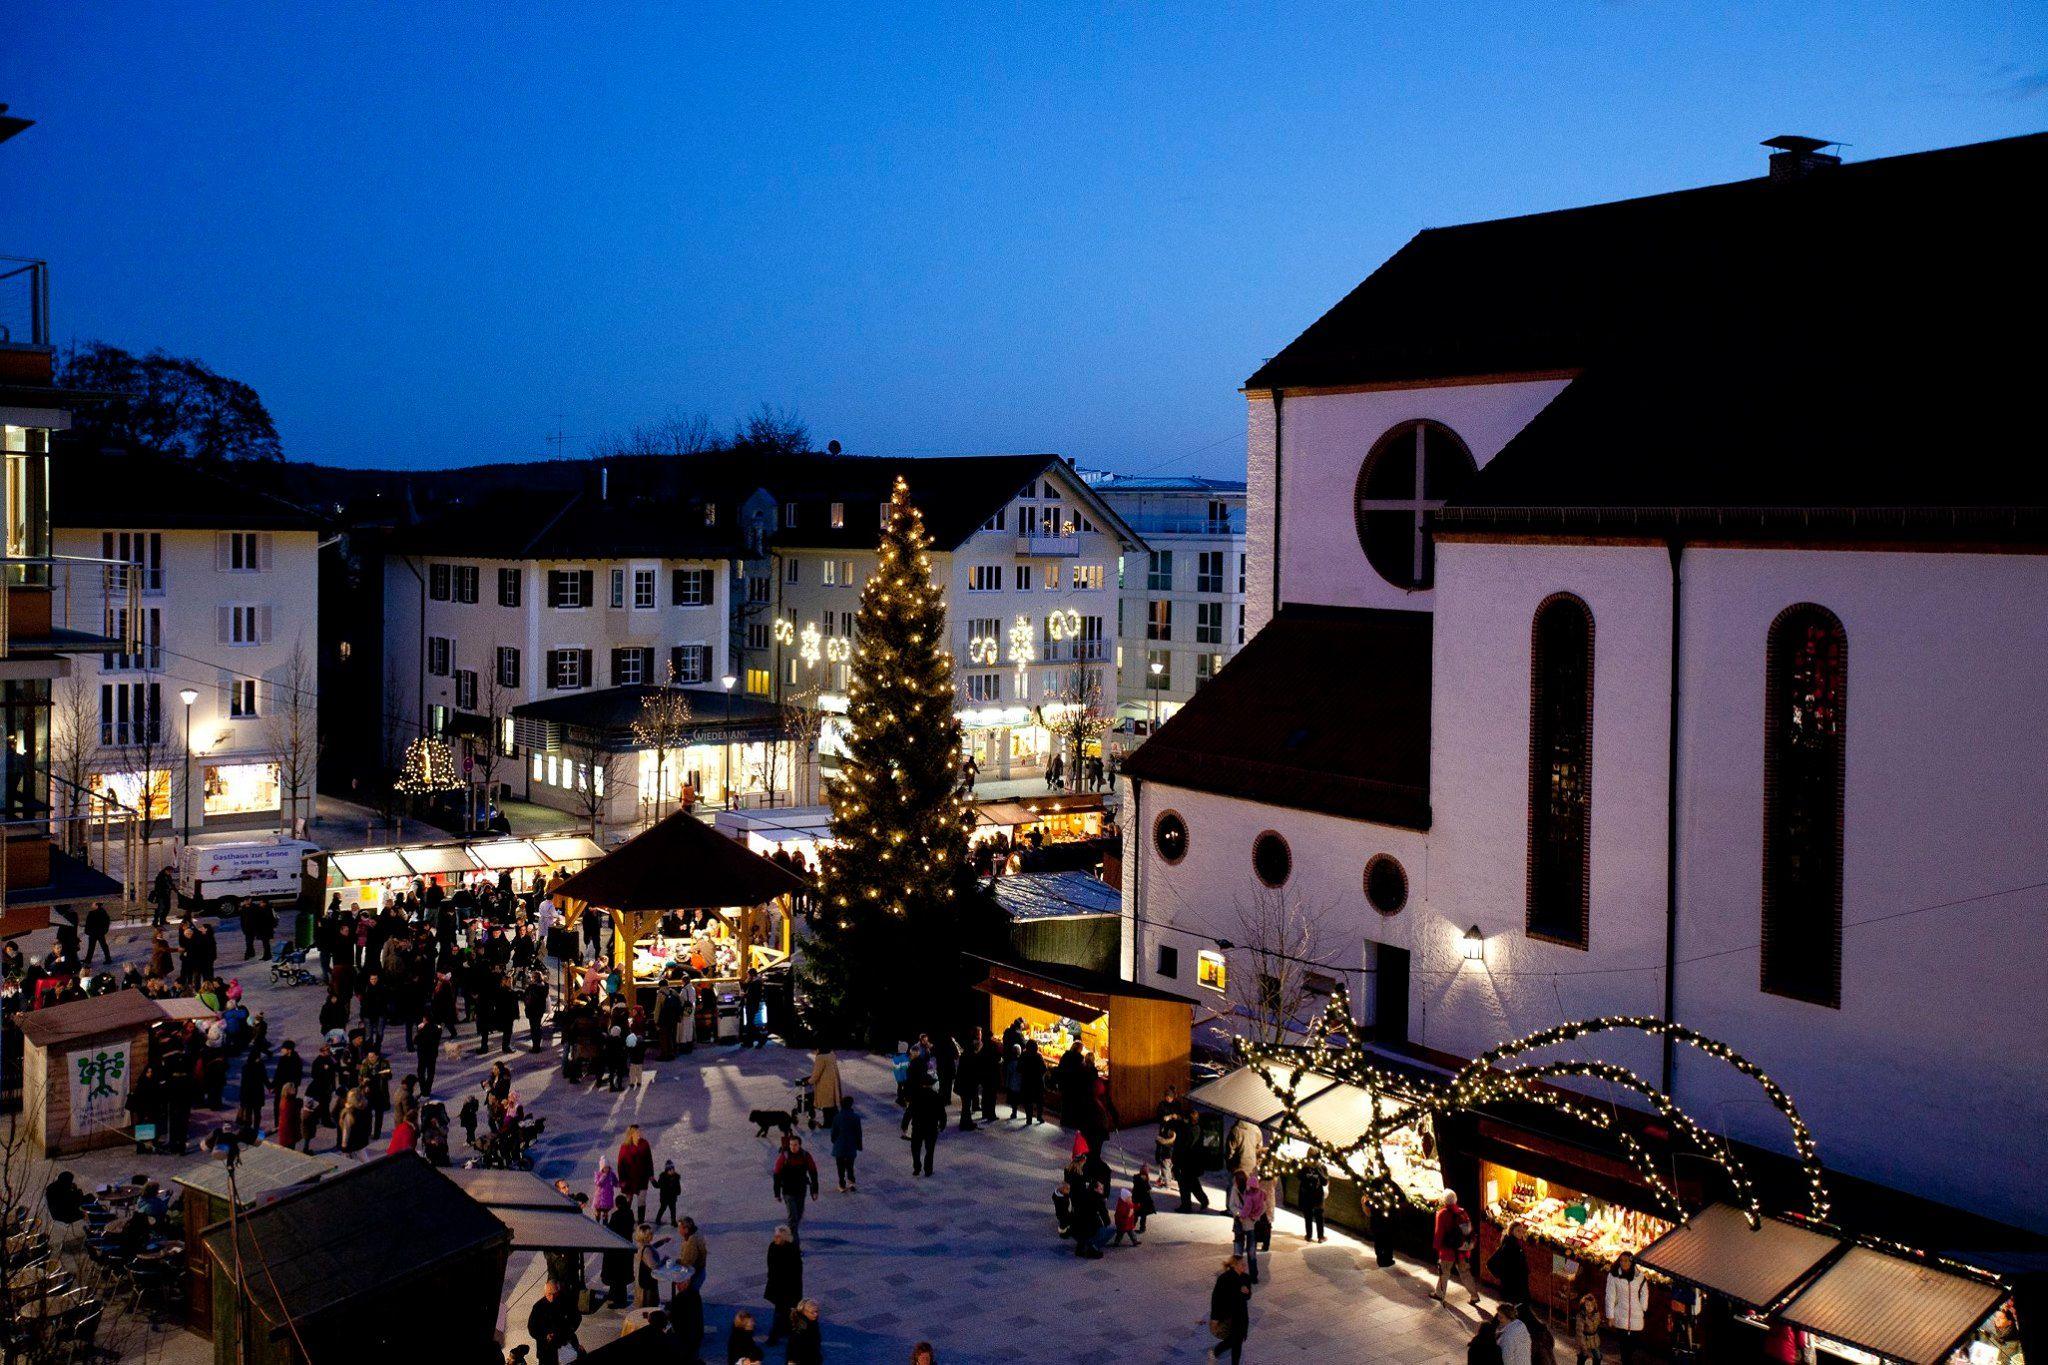 Starnberg Weihnachtsmarkt.Christmas Market At Churchyard In Starnberg Starnburg House